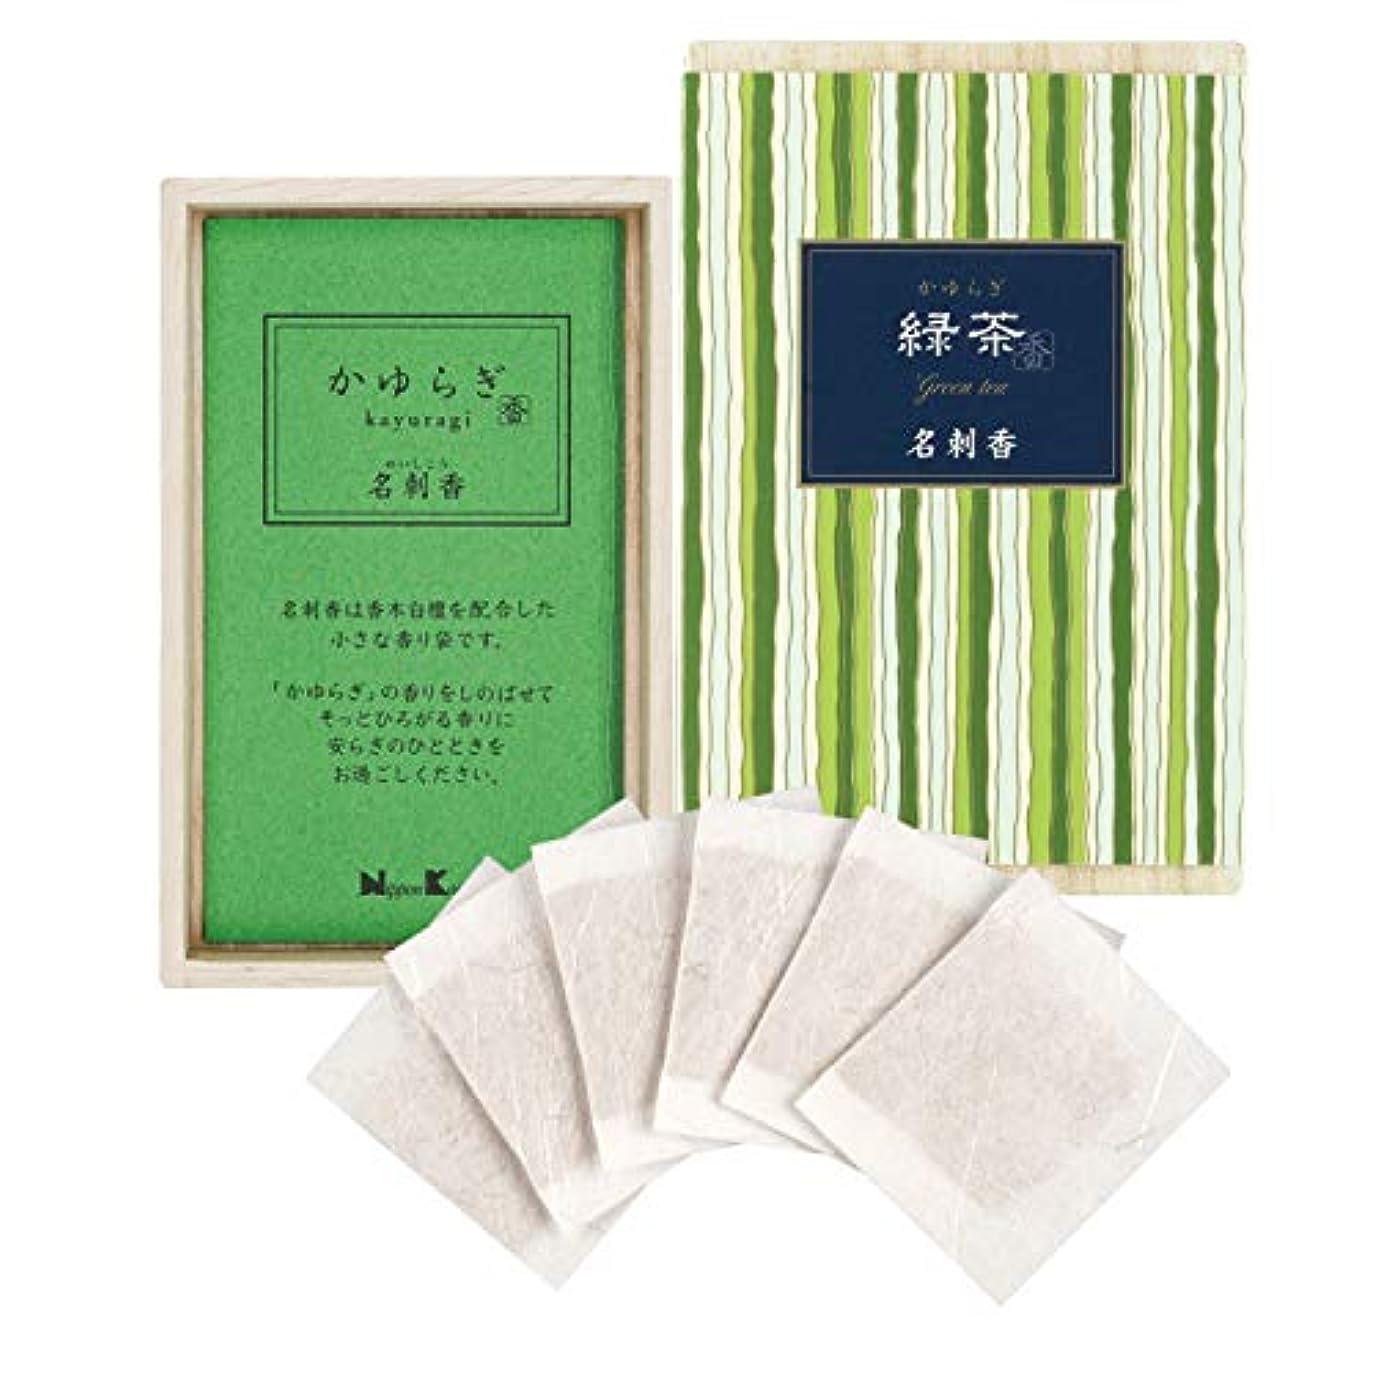 排除ピーブかゆらぎ 緑茶 名刺香 桐箱 6入